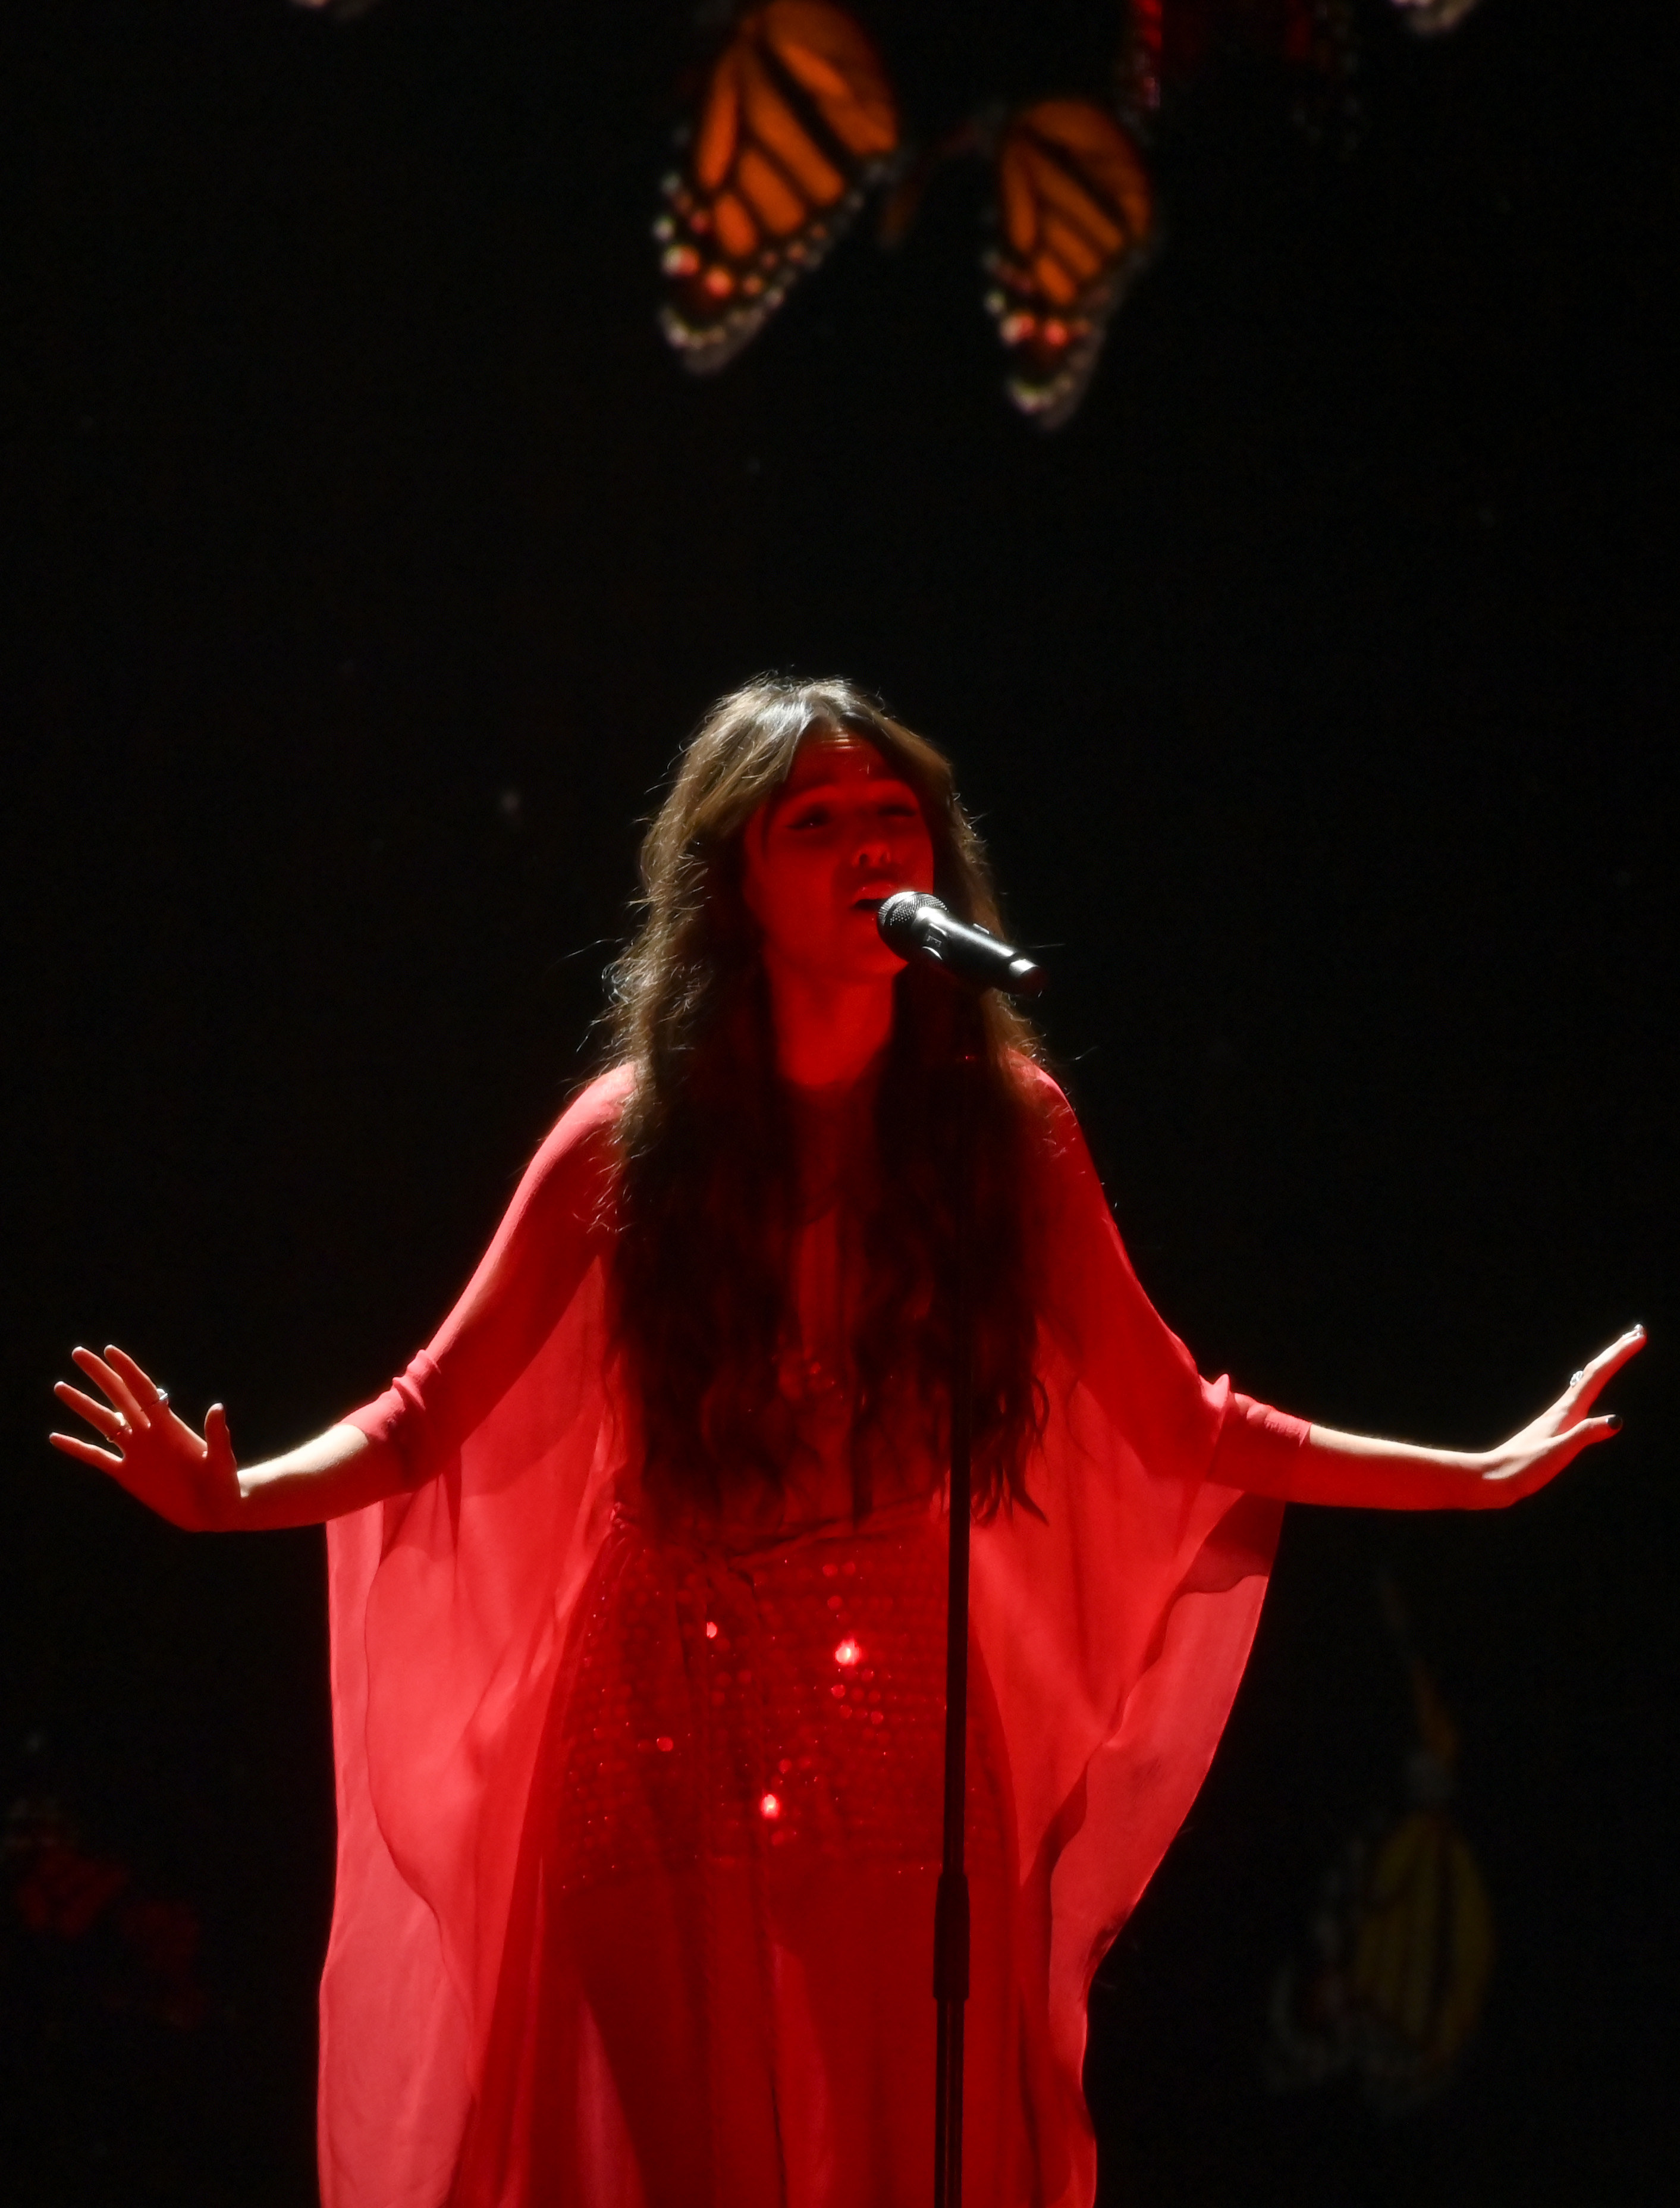 Olivia performing on stage